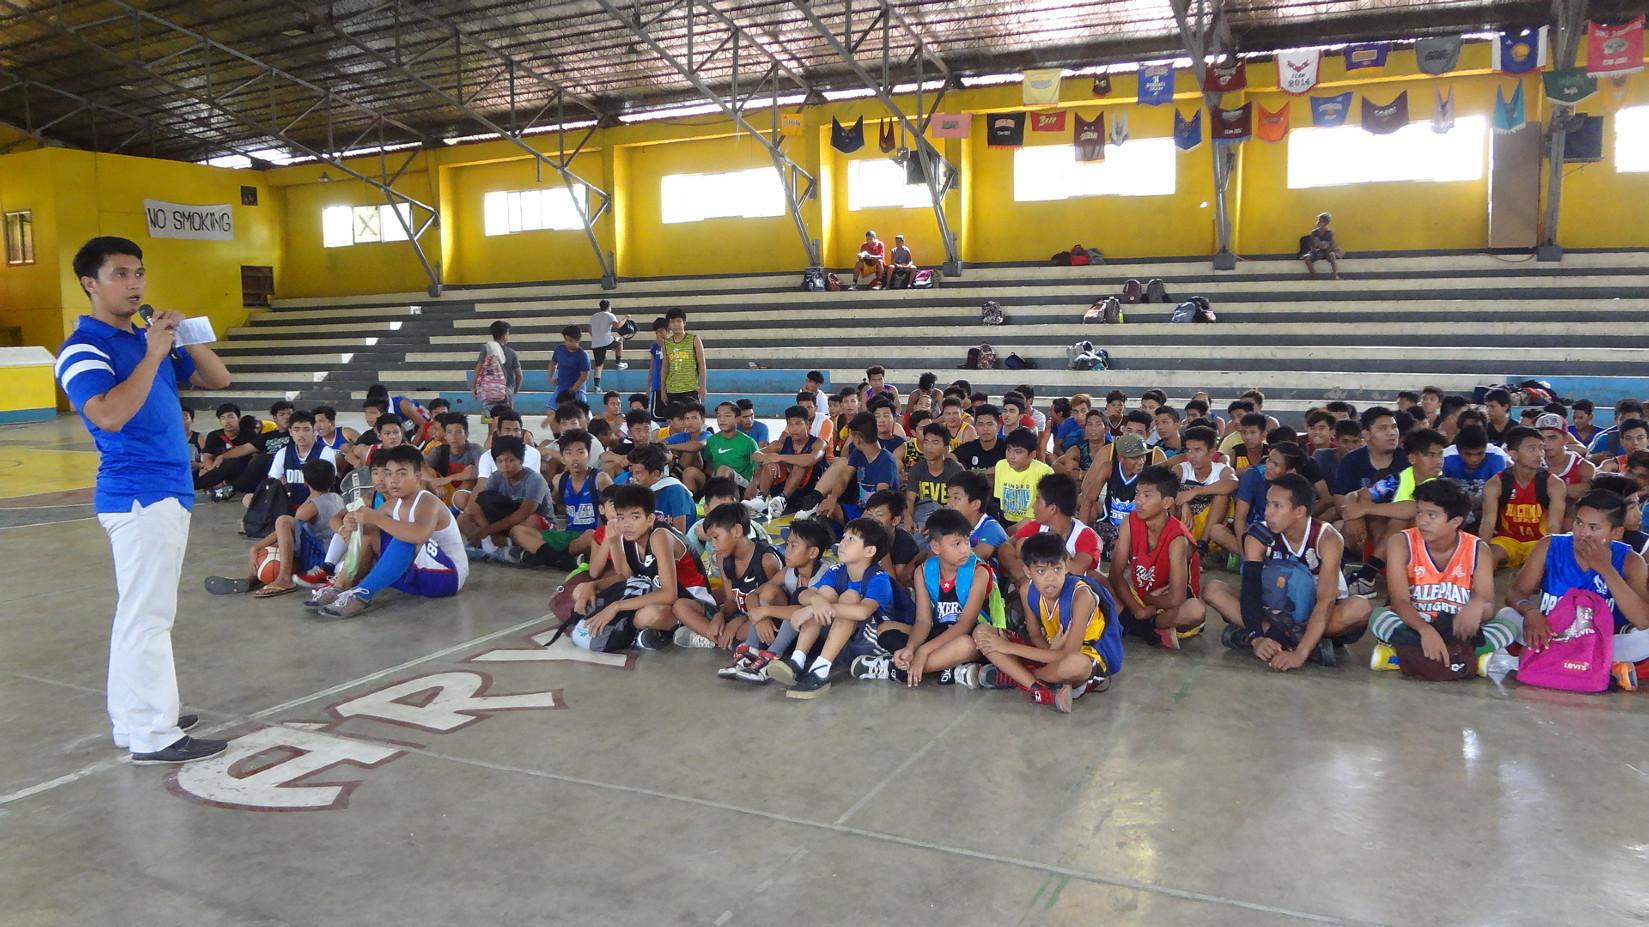 NHP in Asingan, Pangasinan